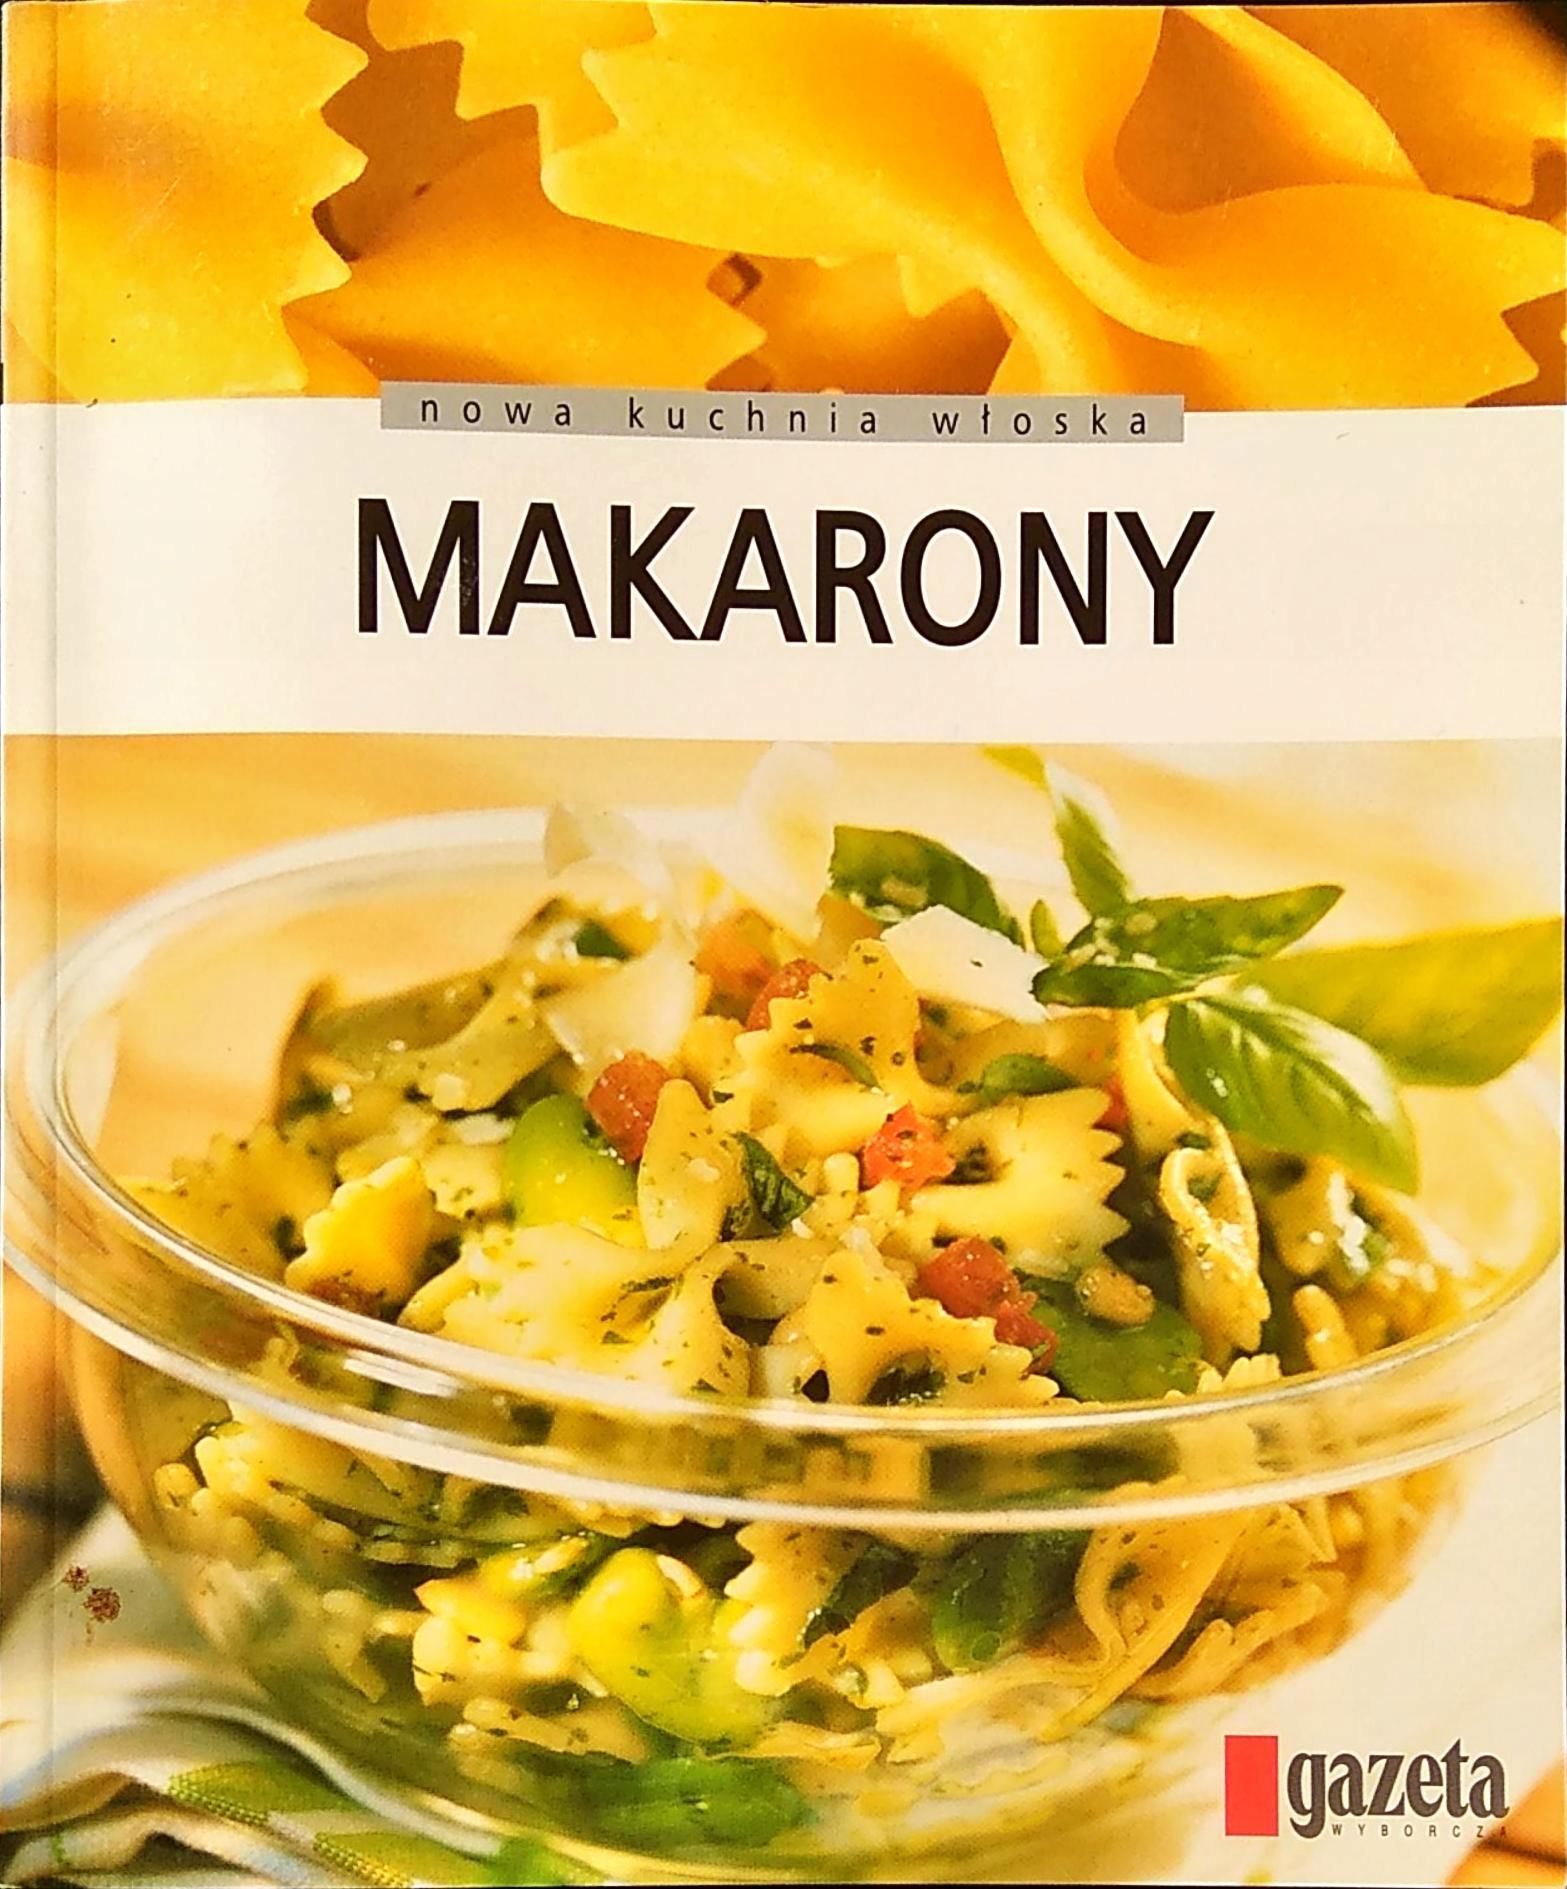 Makarony Nowa Kuchnia Włoska 7574034842 Oficjalne